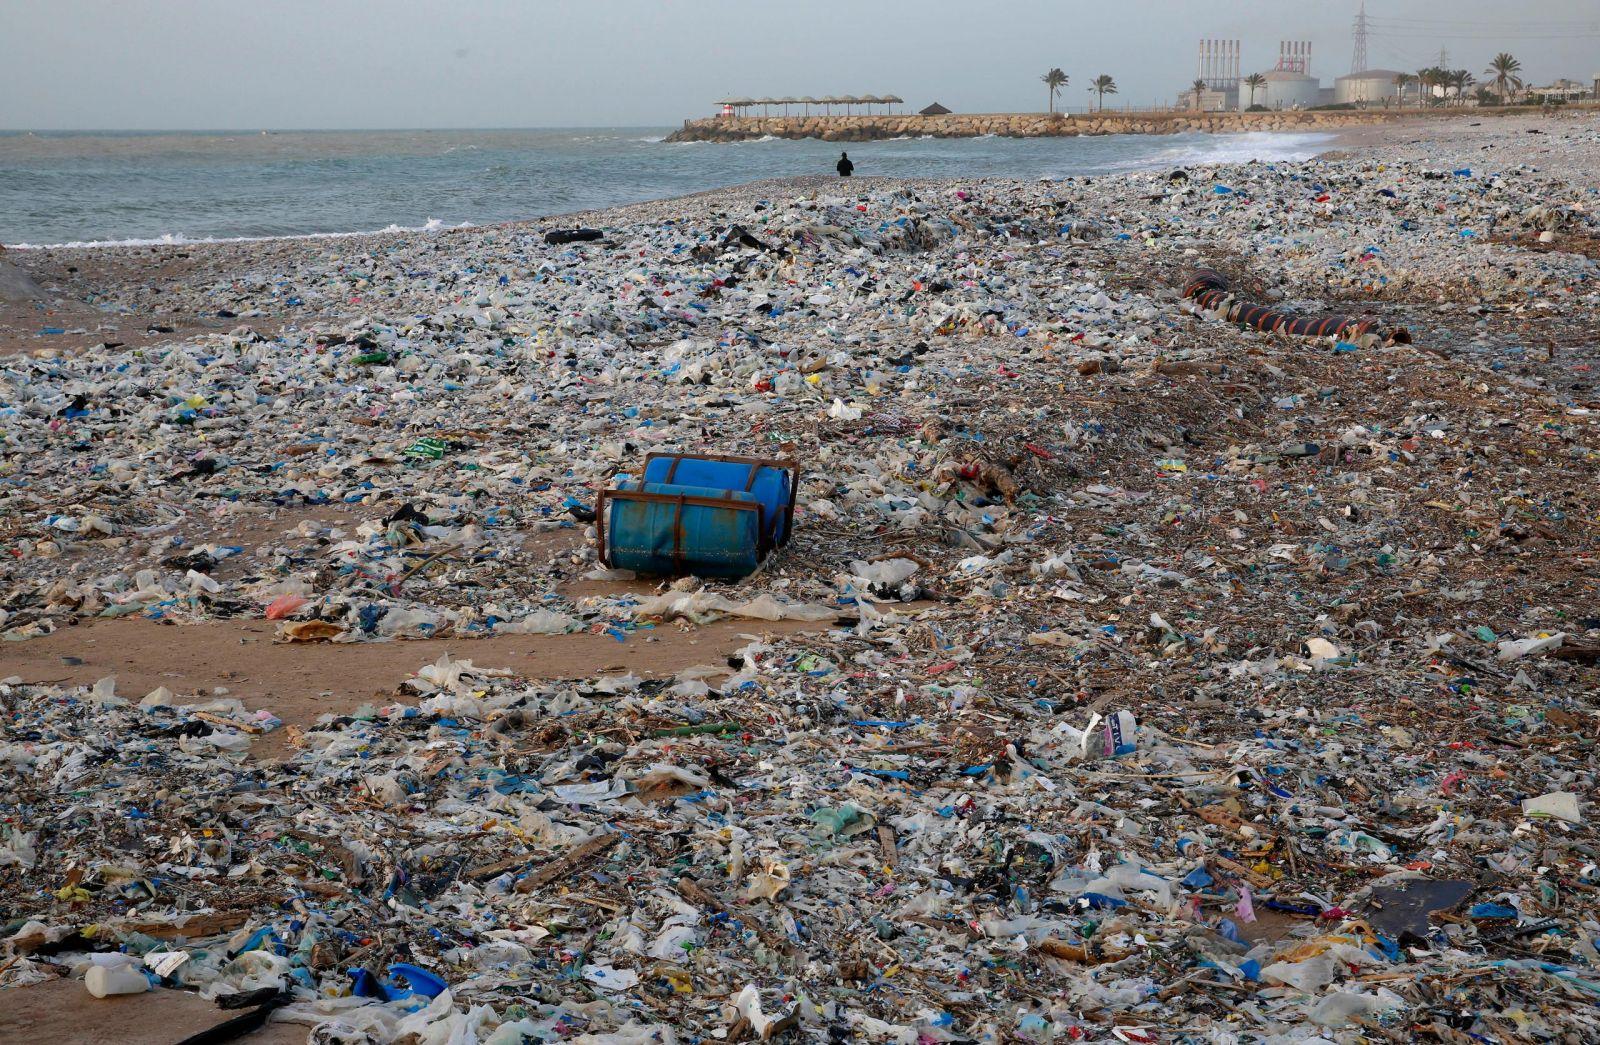 شواطئ لبنان الملوثة